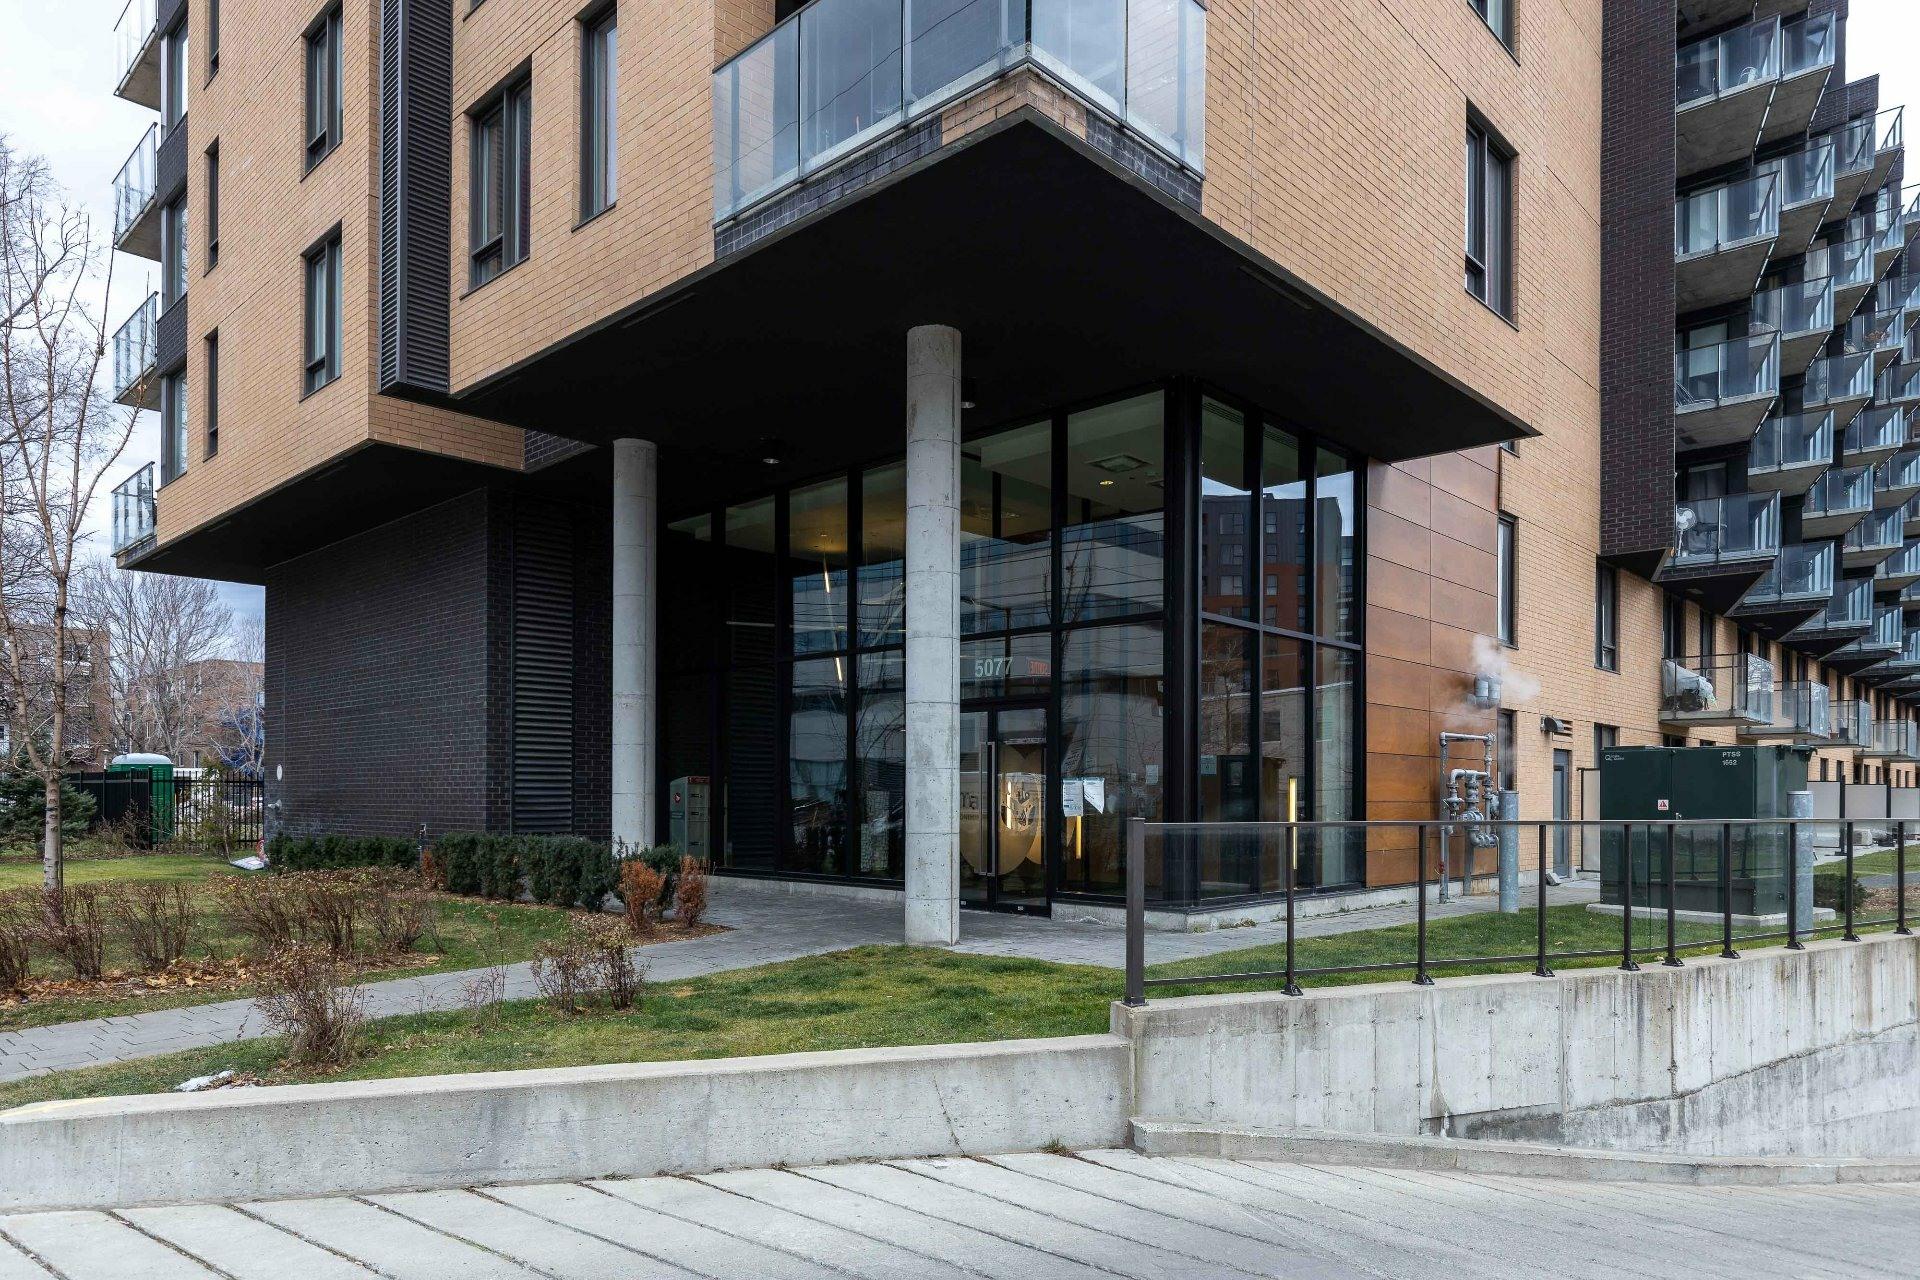 image 13 - Appartement À vendre Côte-des-Neiges/Notre-Dame-de-Grâce Montréal  - 5 pièces